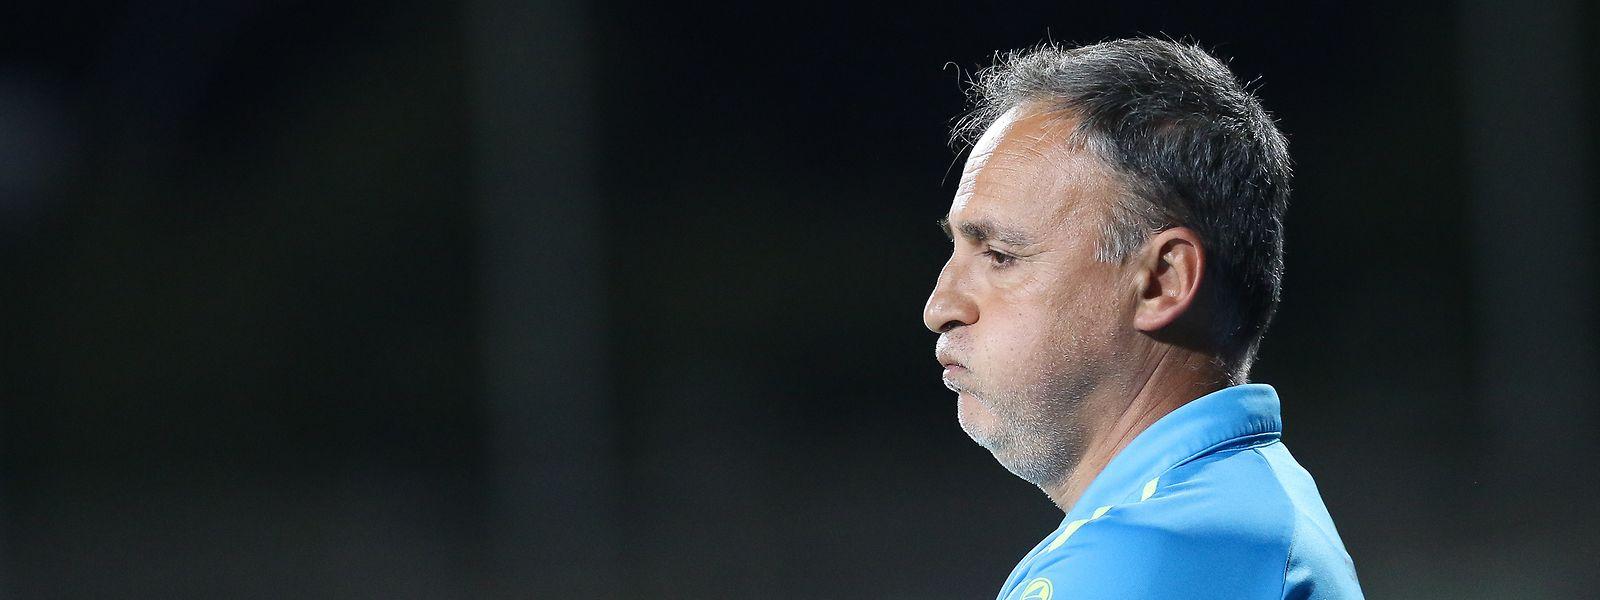 Emilio Ferrera war zur neuen Saison verpflichtet worden.